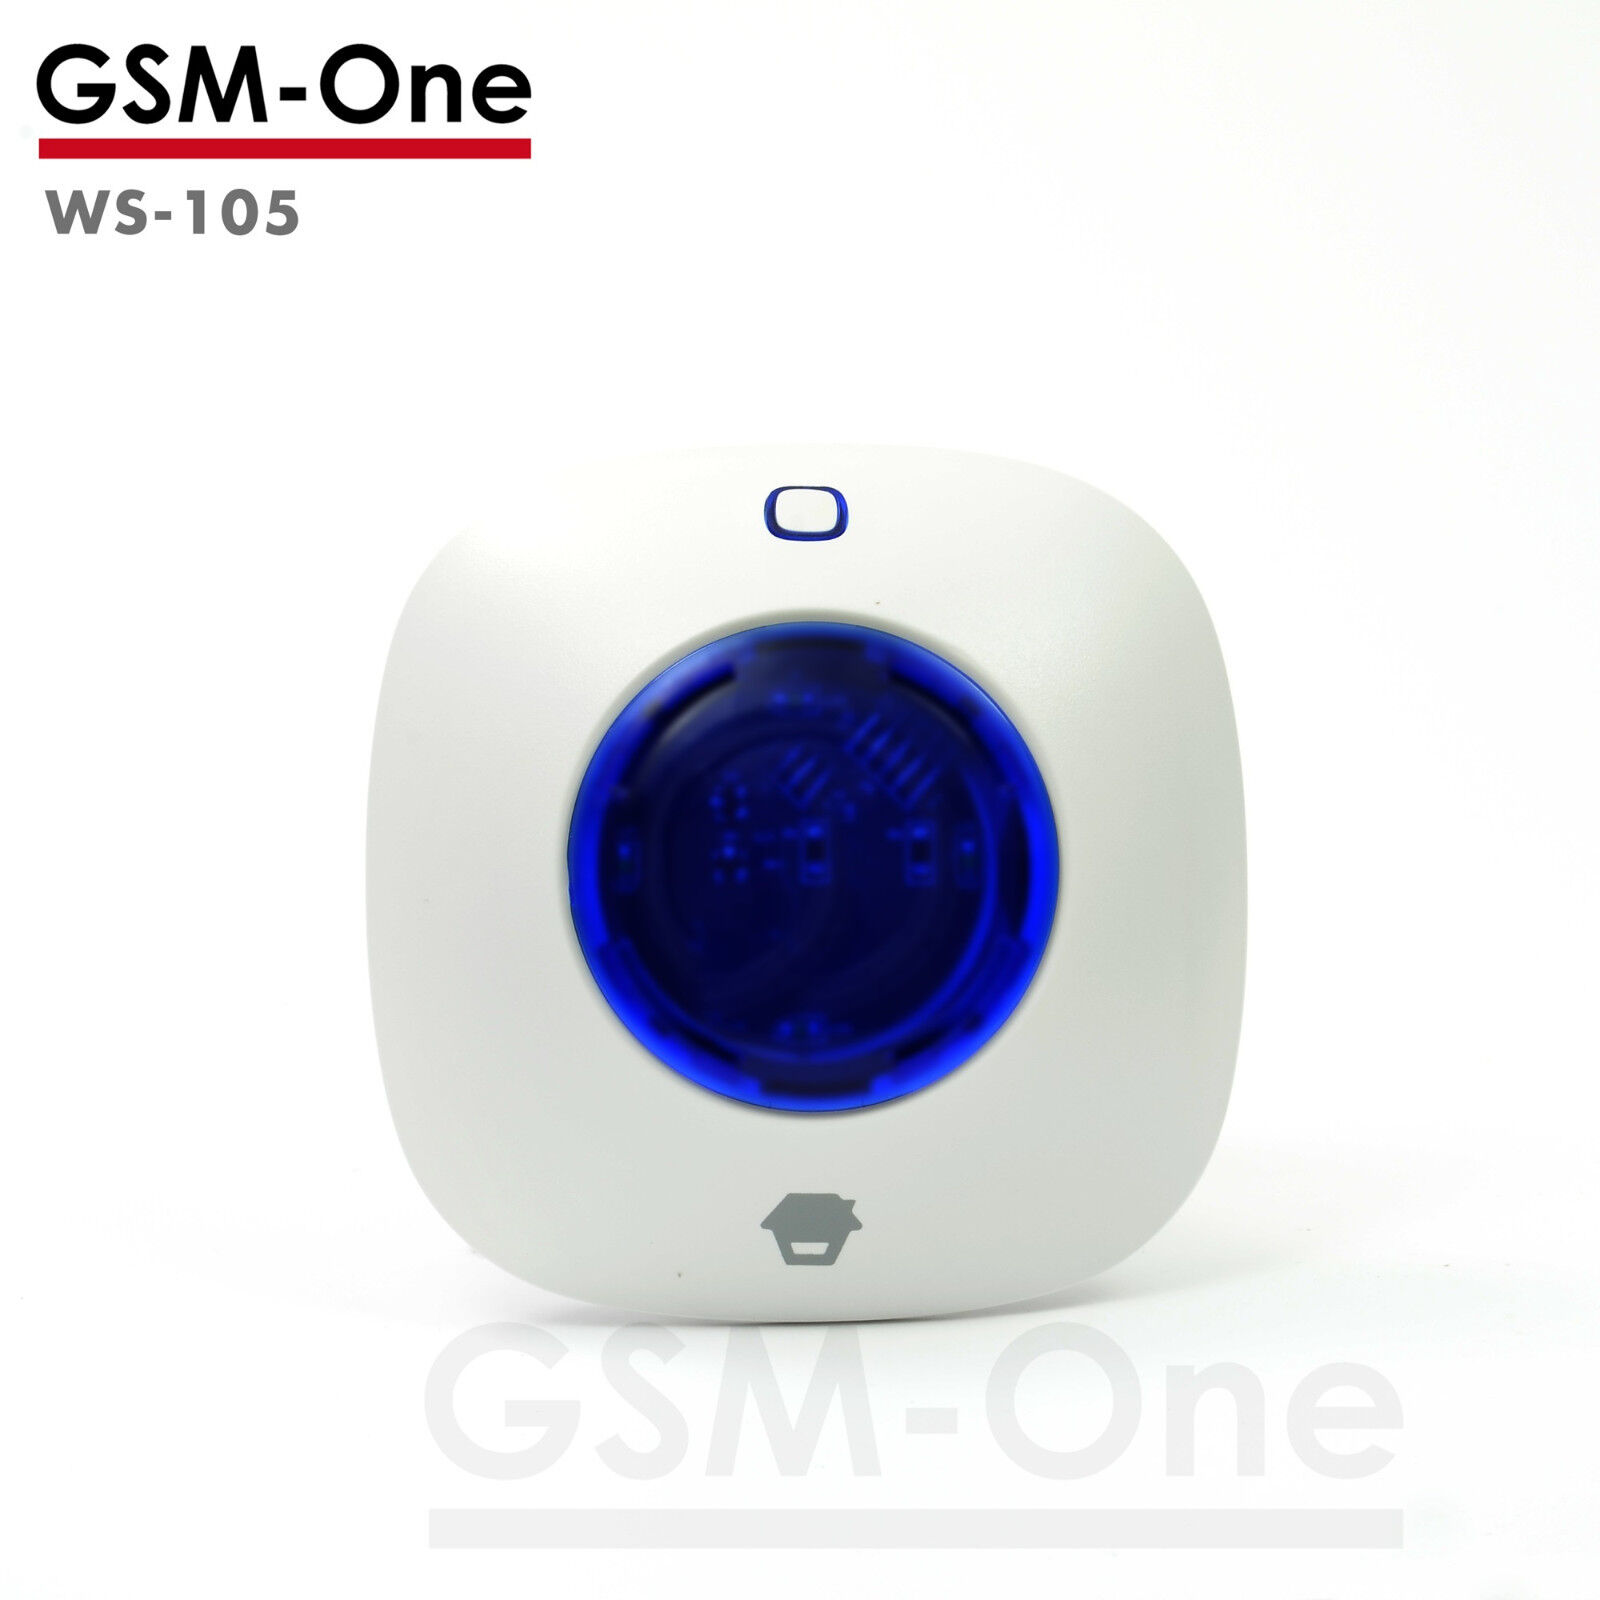 Funk-Sirene WS-105 kompatibel mit allen Chuango Alarmsystemen! Von GSM-One